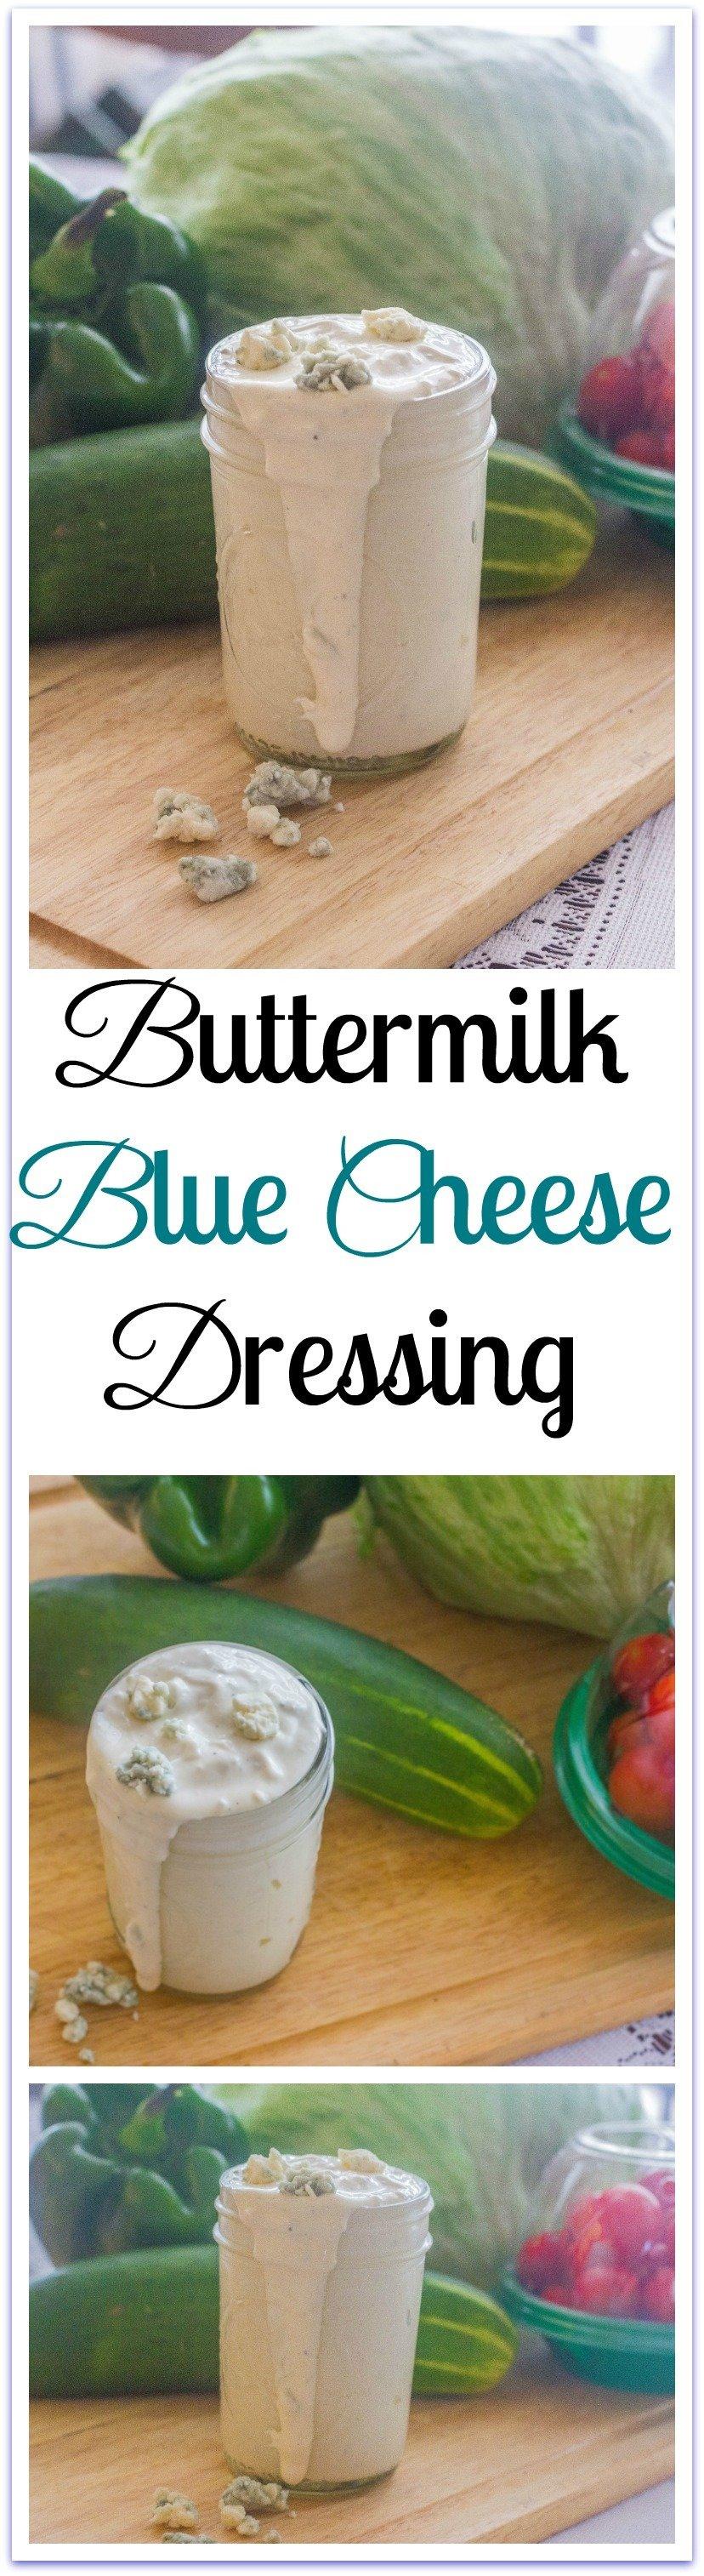 Buttermilk Blue Cheese Dressing » buttermilk-blue-cheese-dressing ...